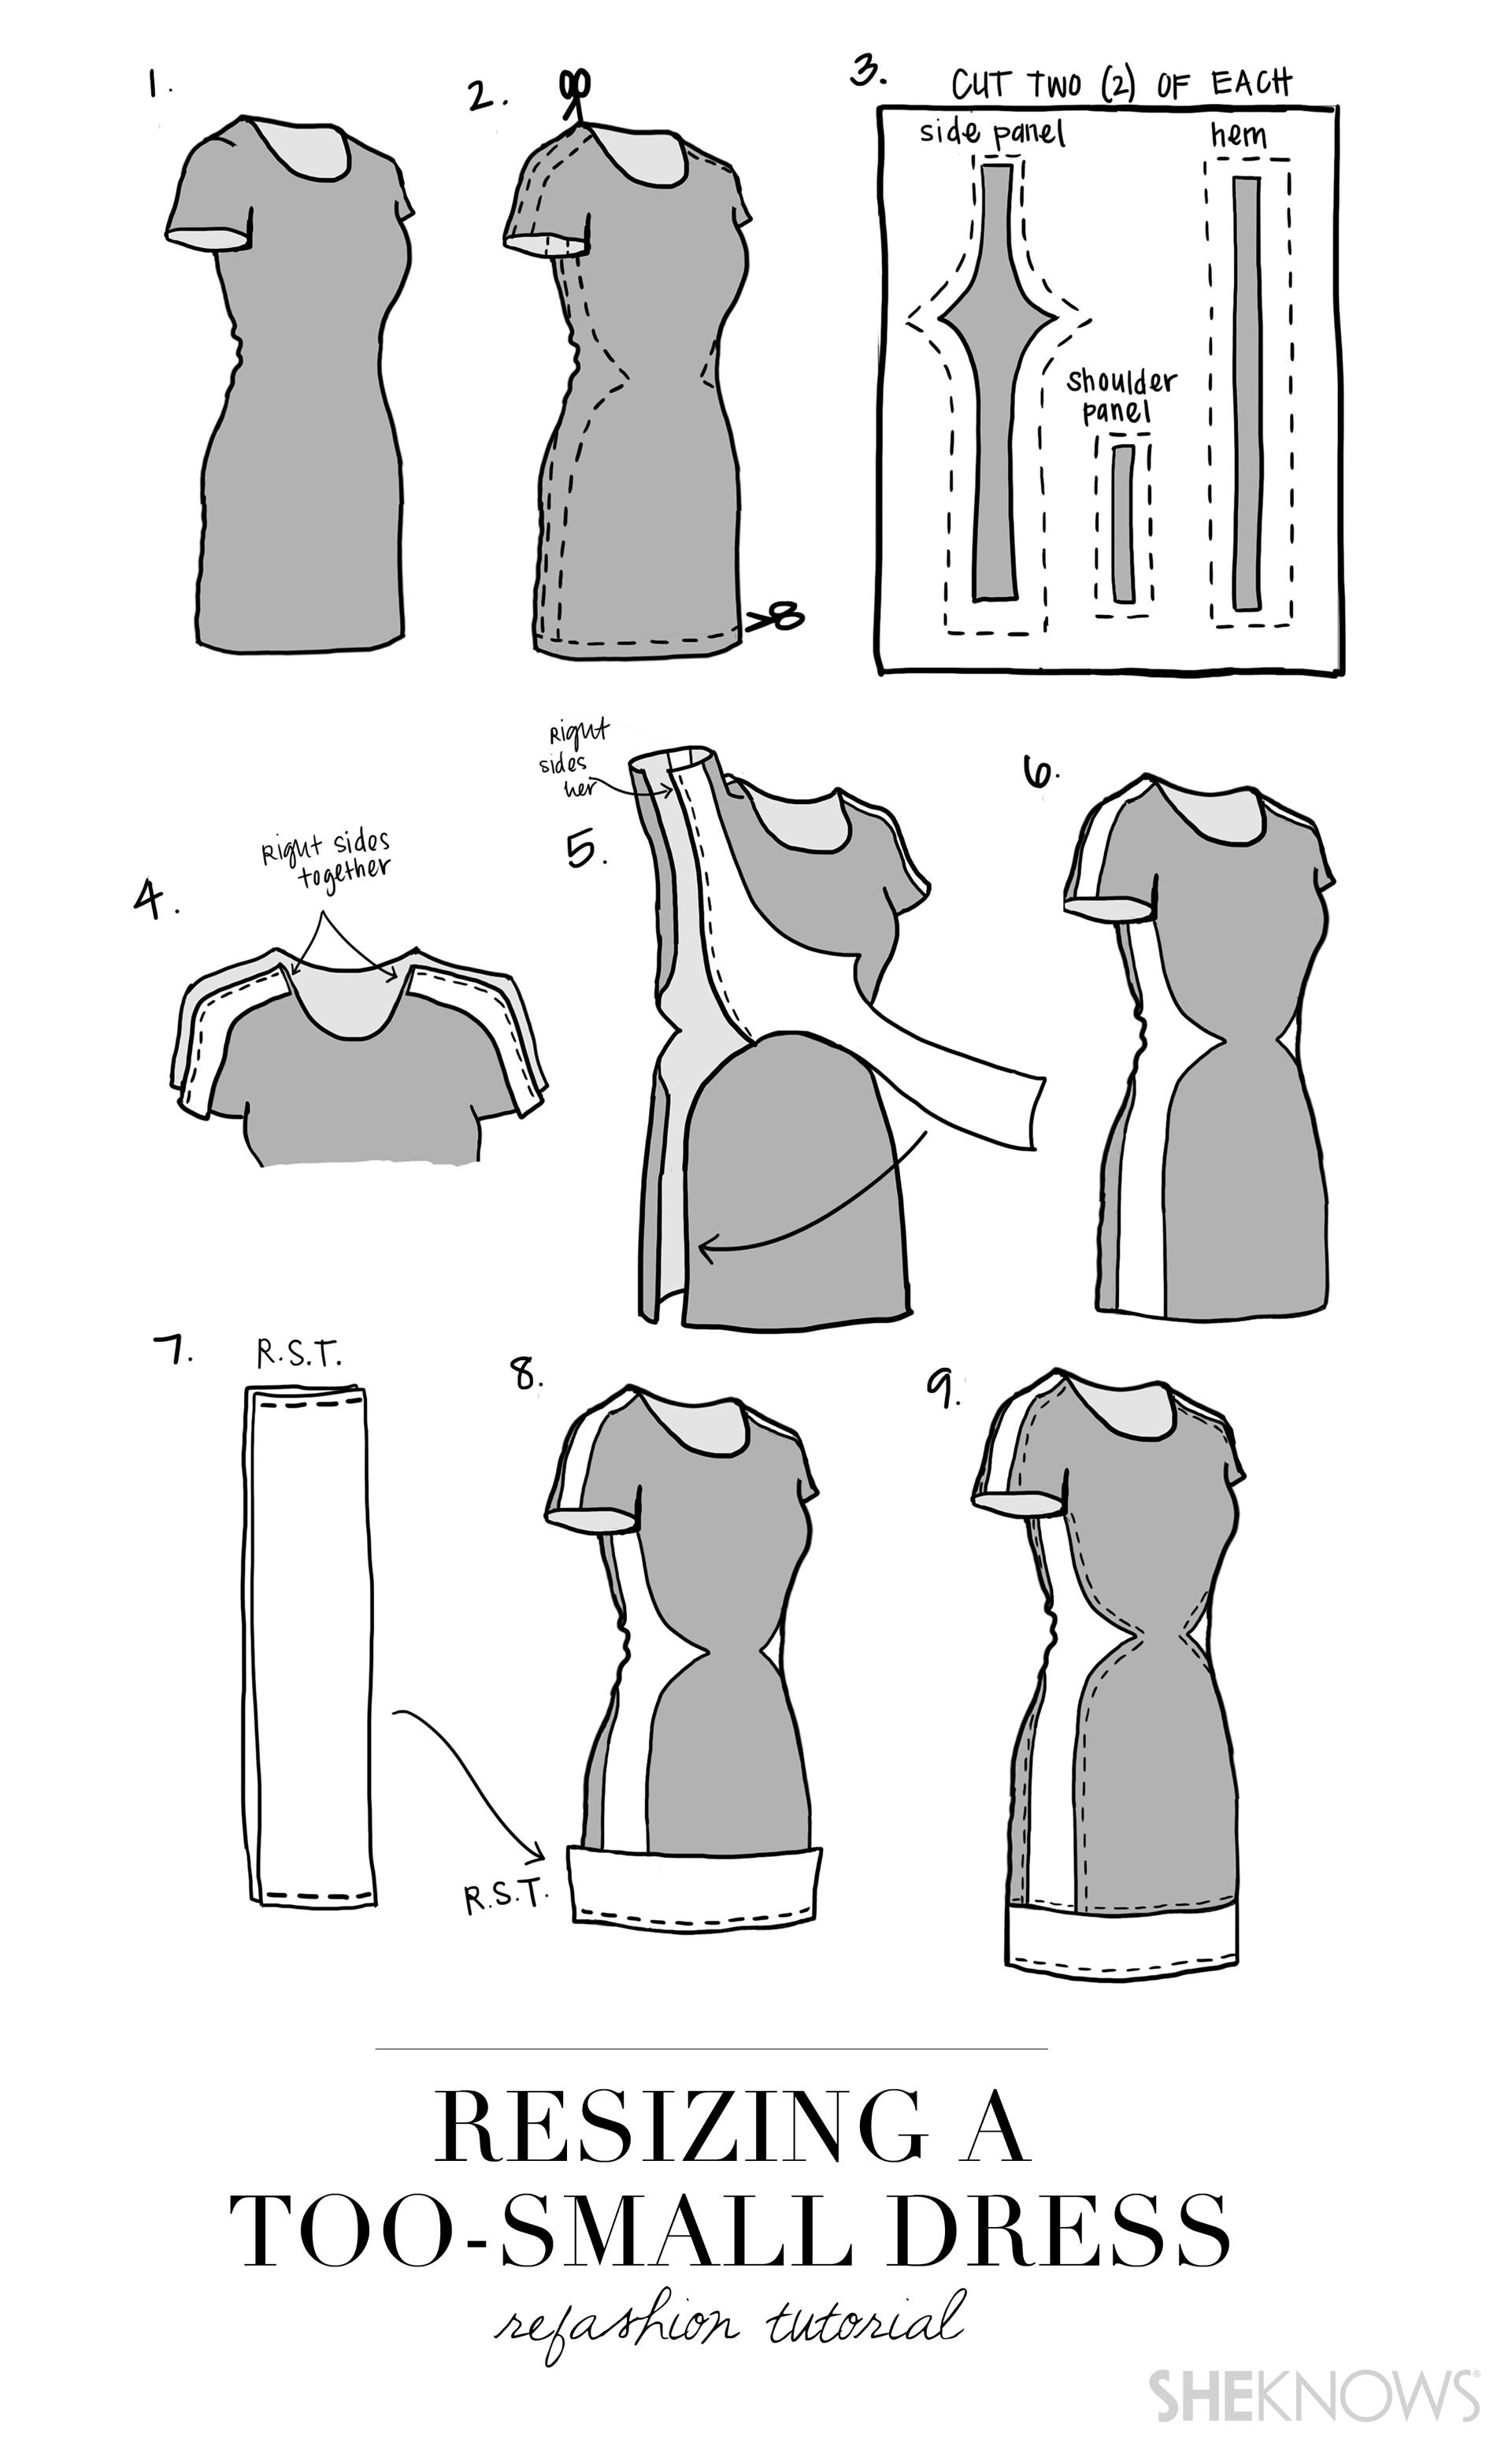 Biến chiếc váy chật thành trang phục hợp mốt ảnh 3